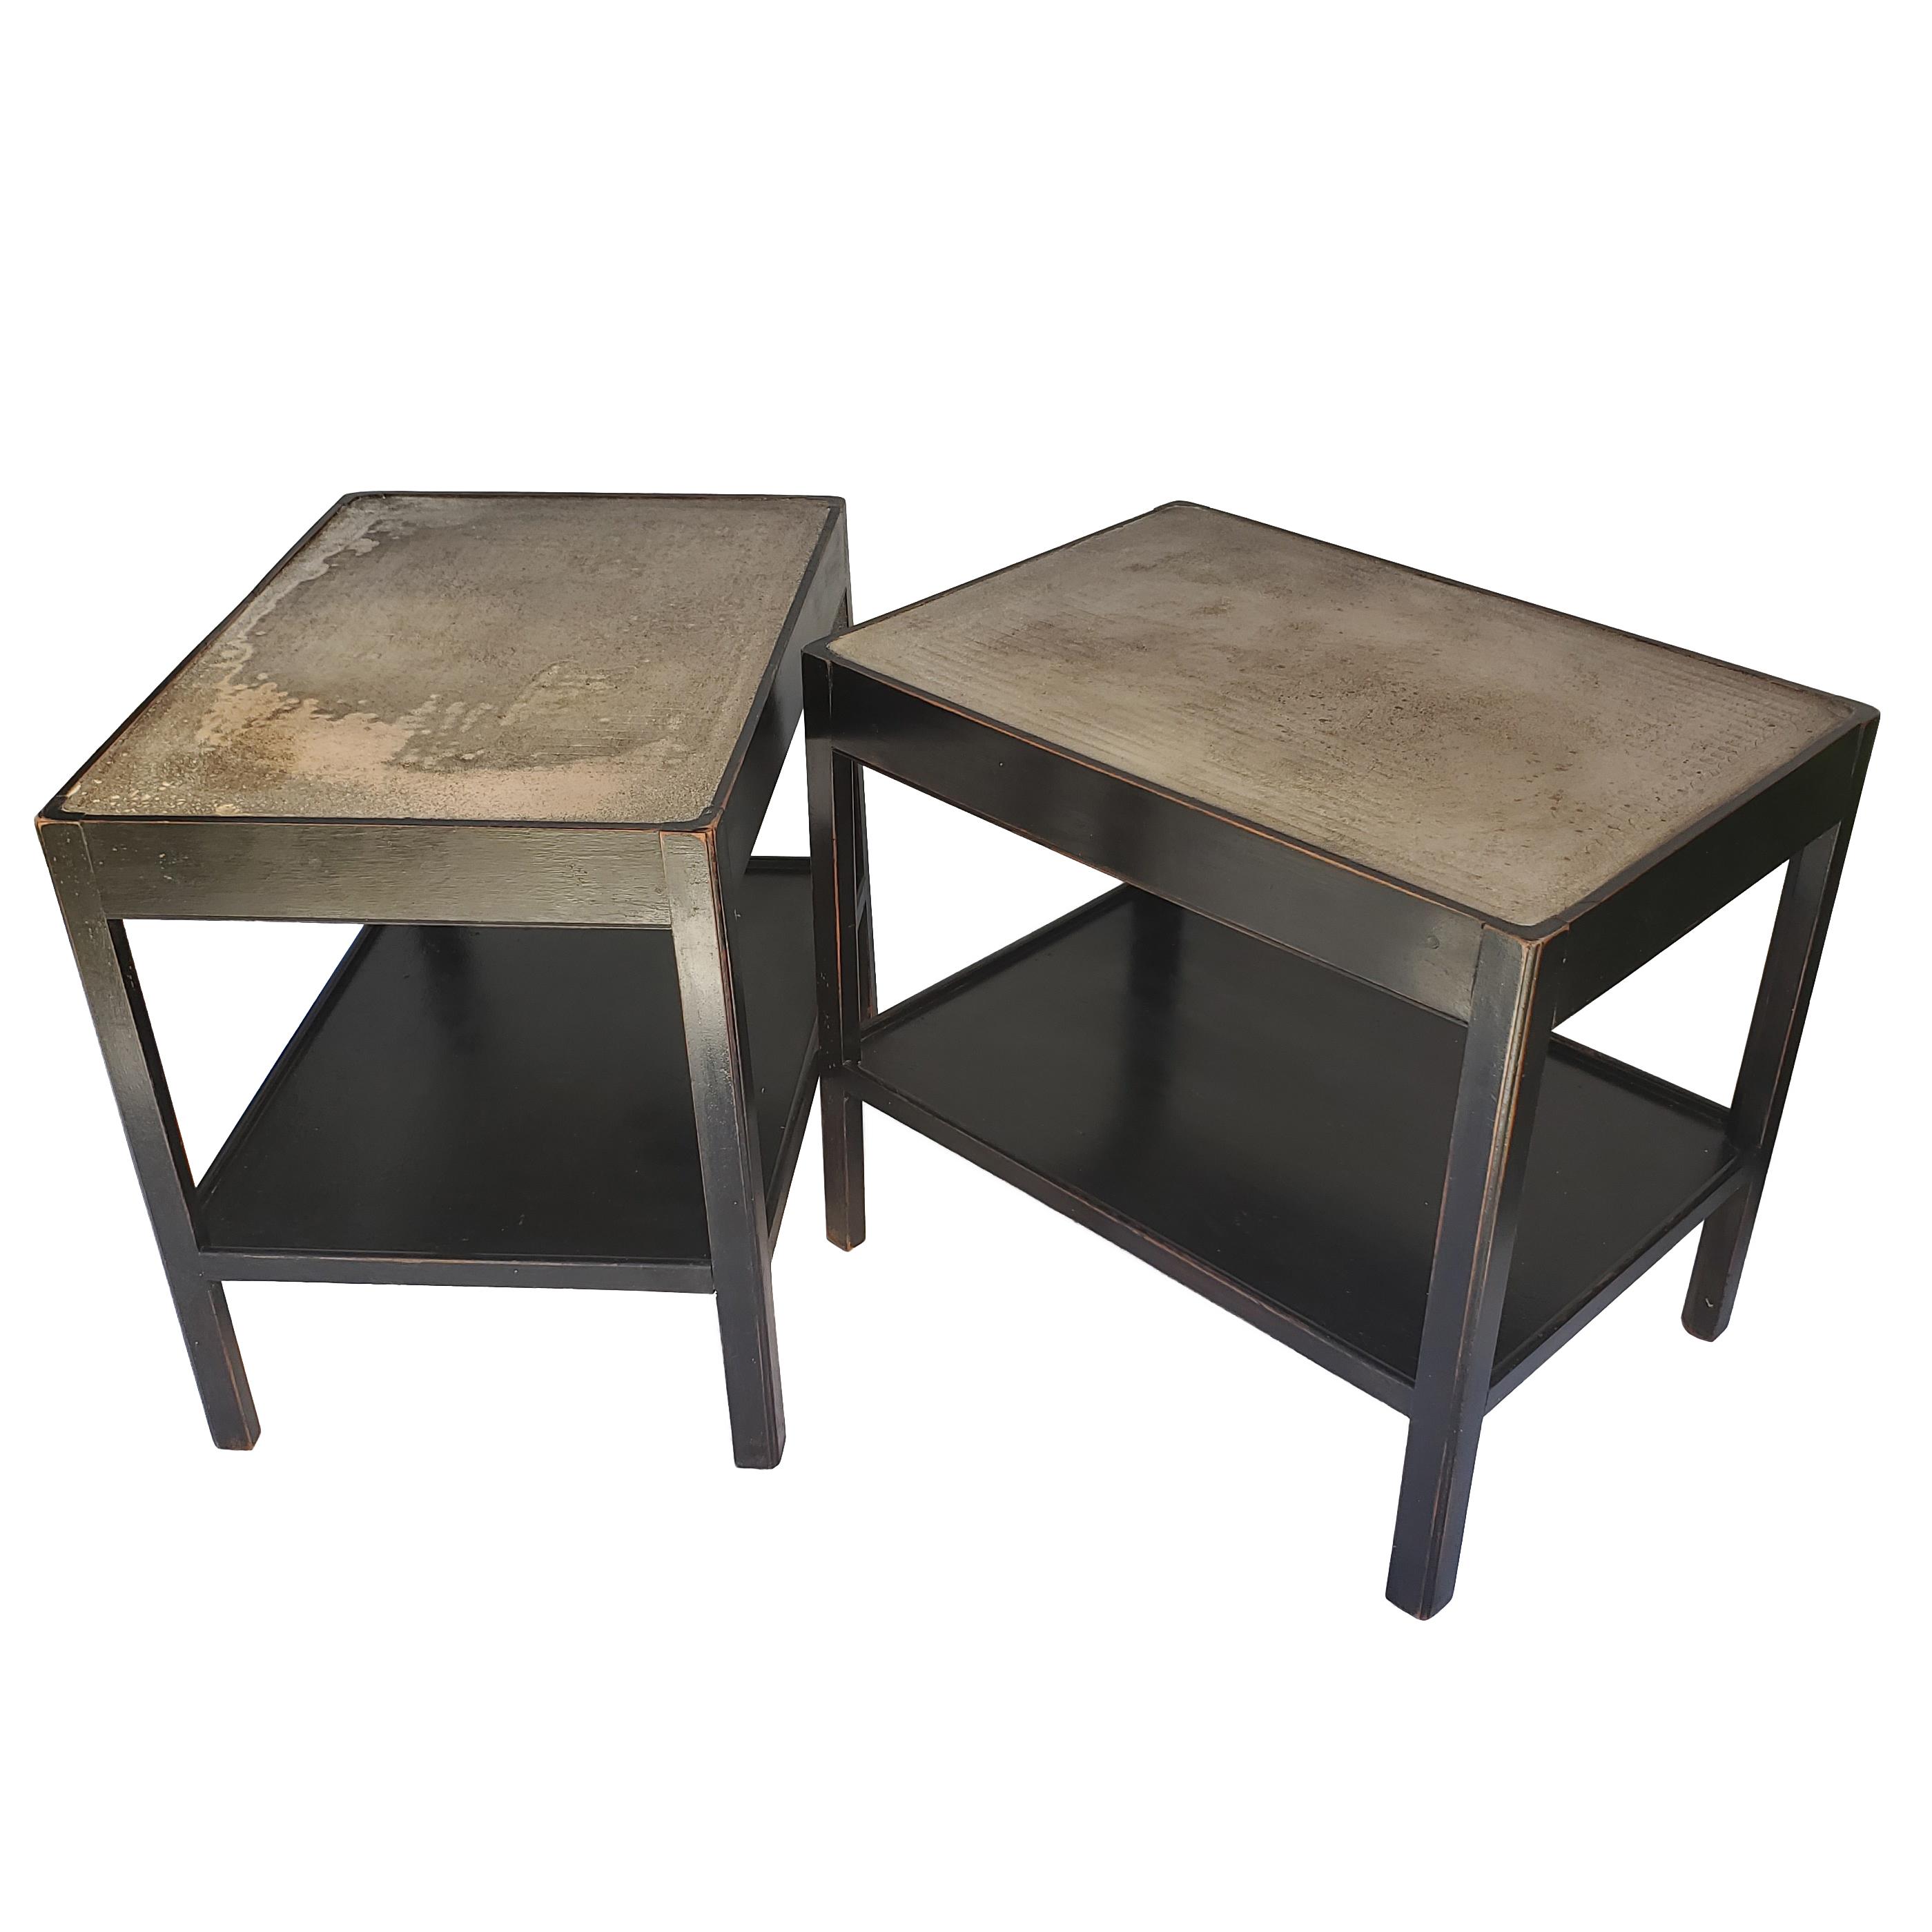 concrete-tables-large.jpg